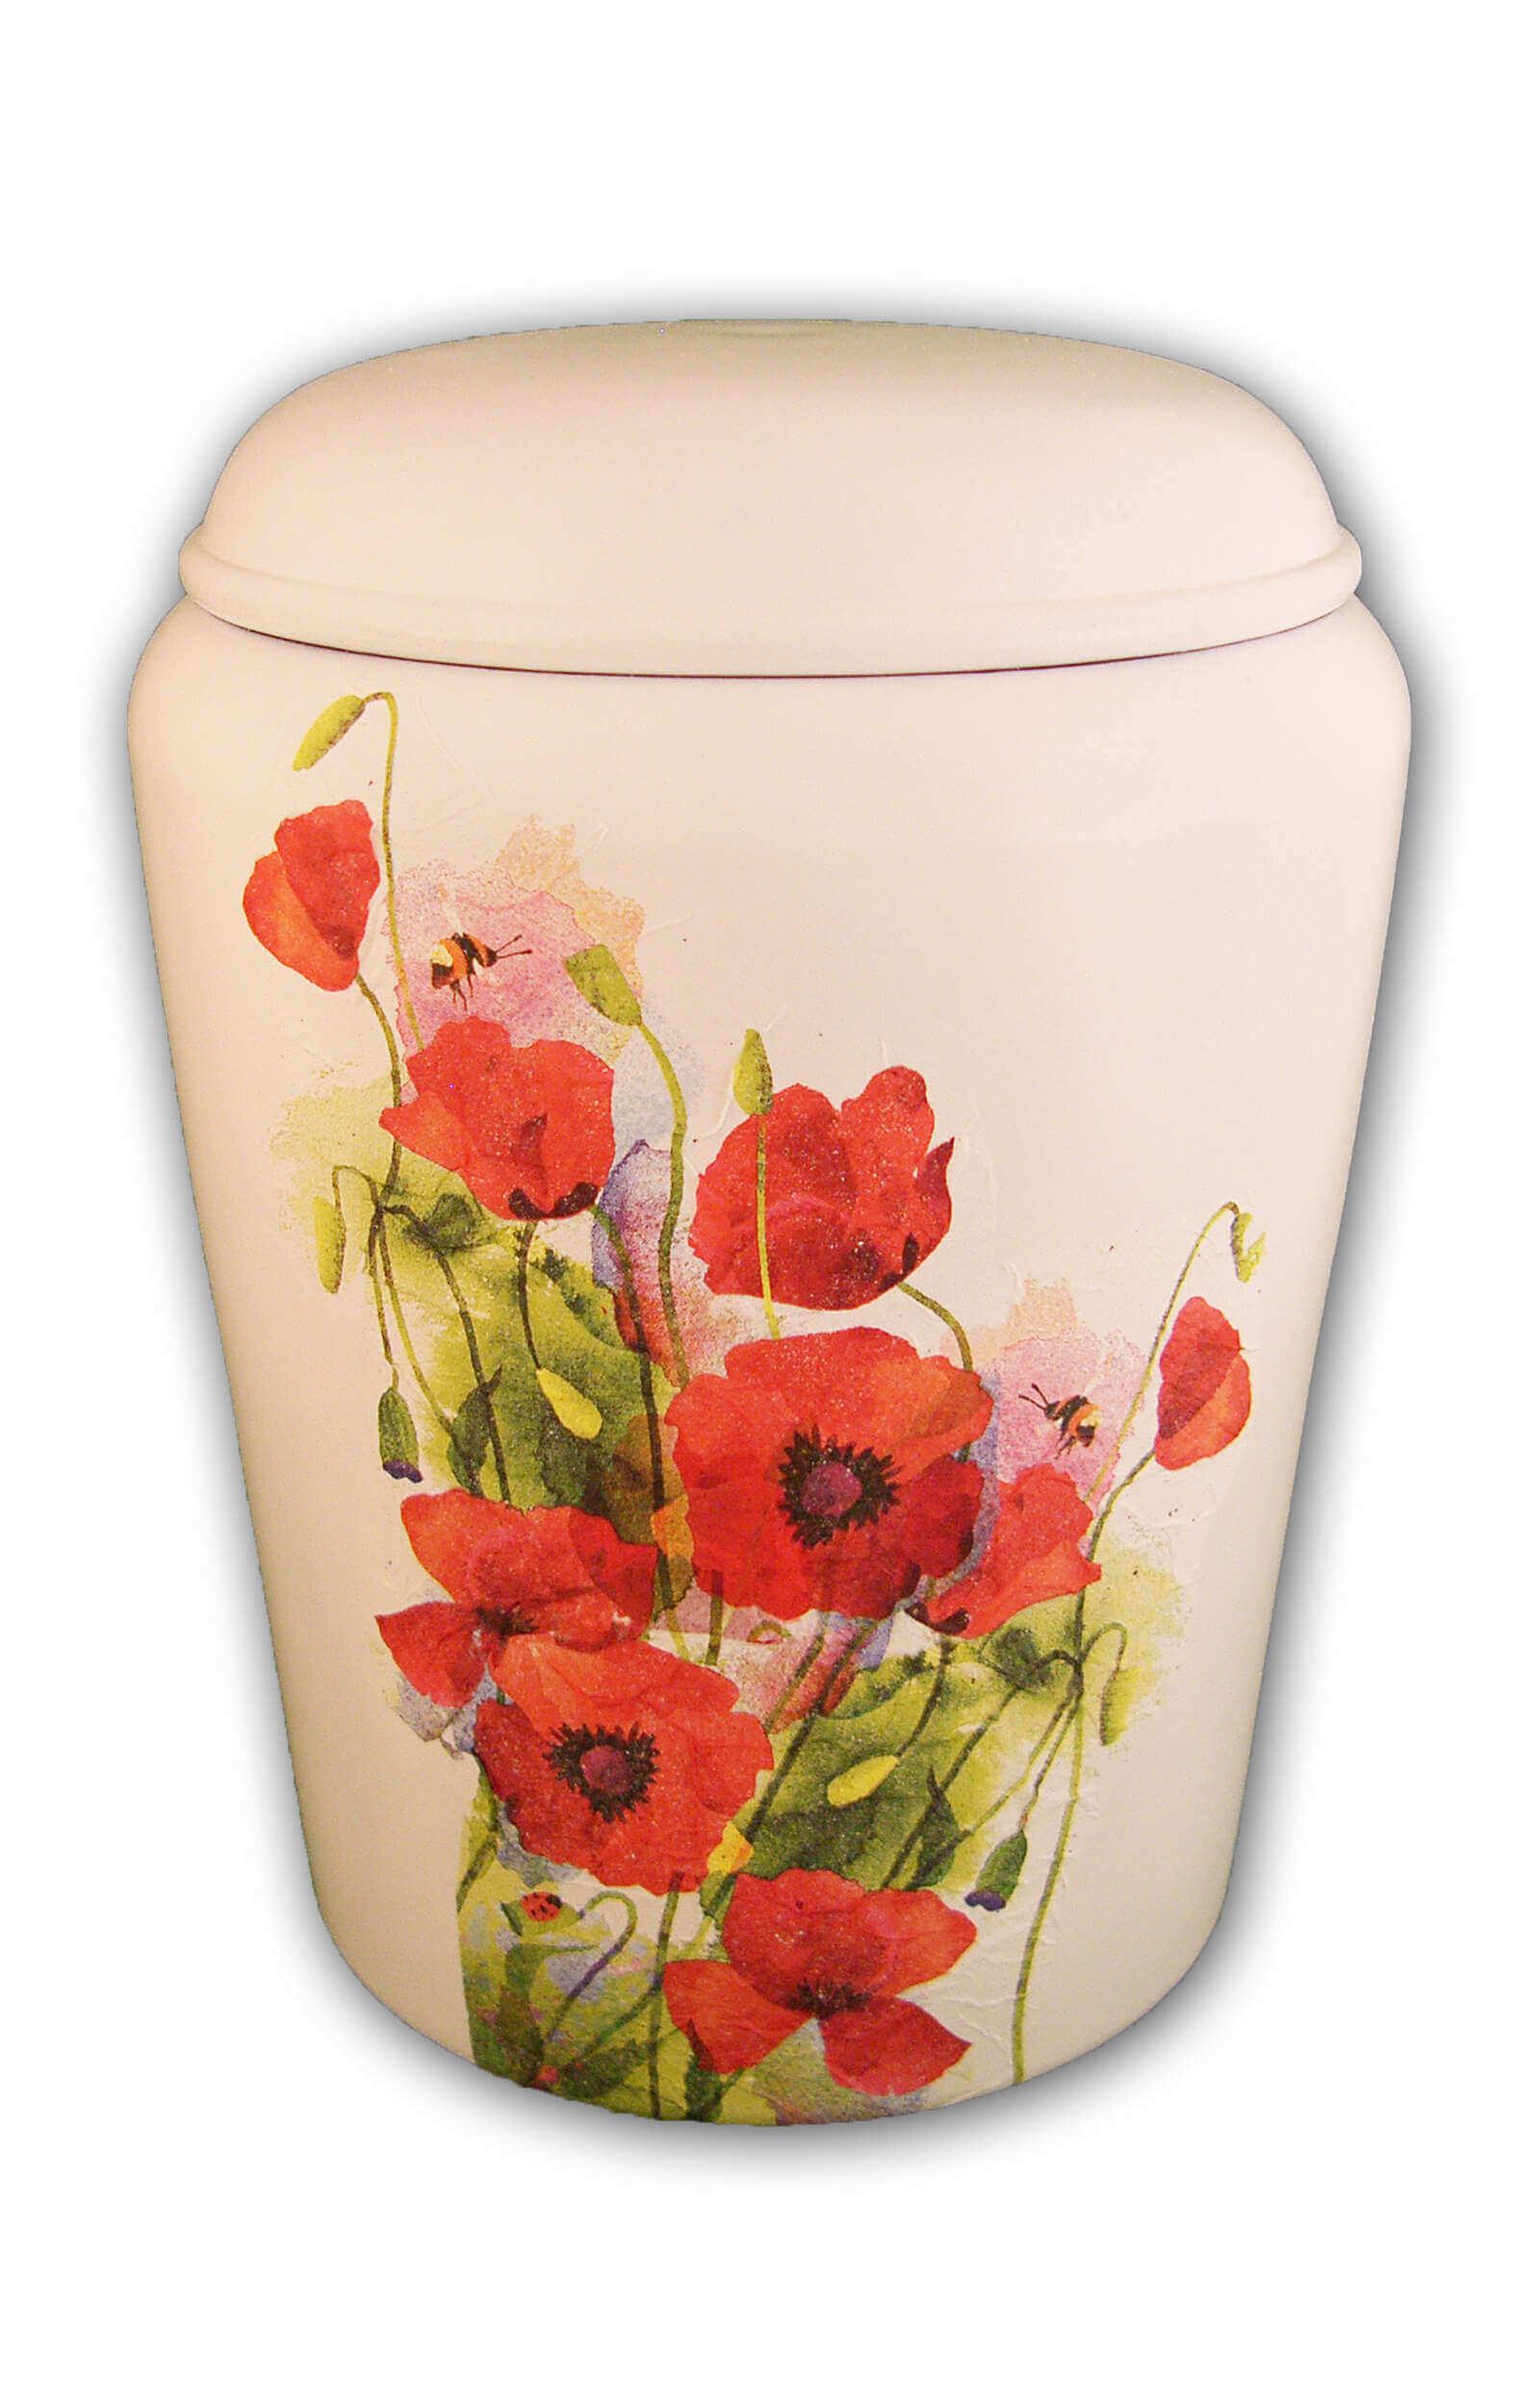 en BWM1723 poppy biodigradable urn Nona Mela white red funeral urns on sale